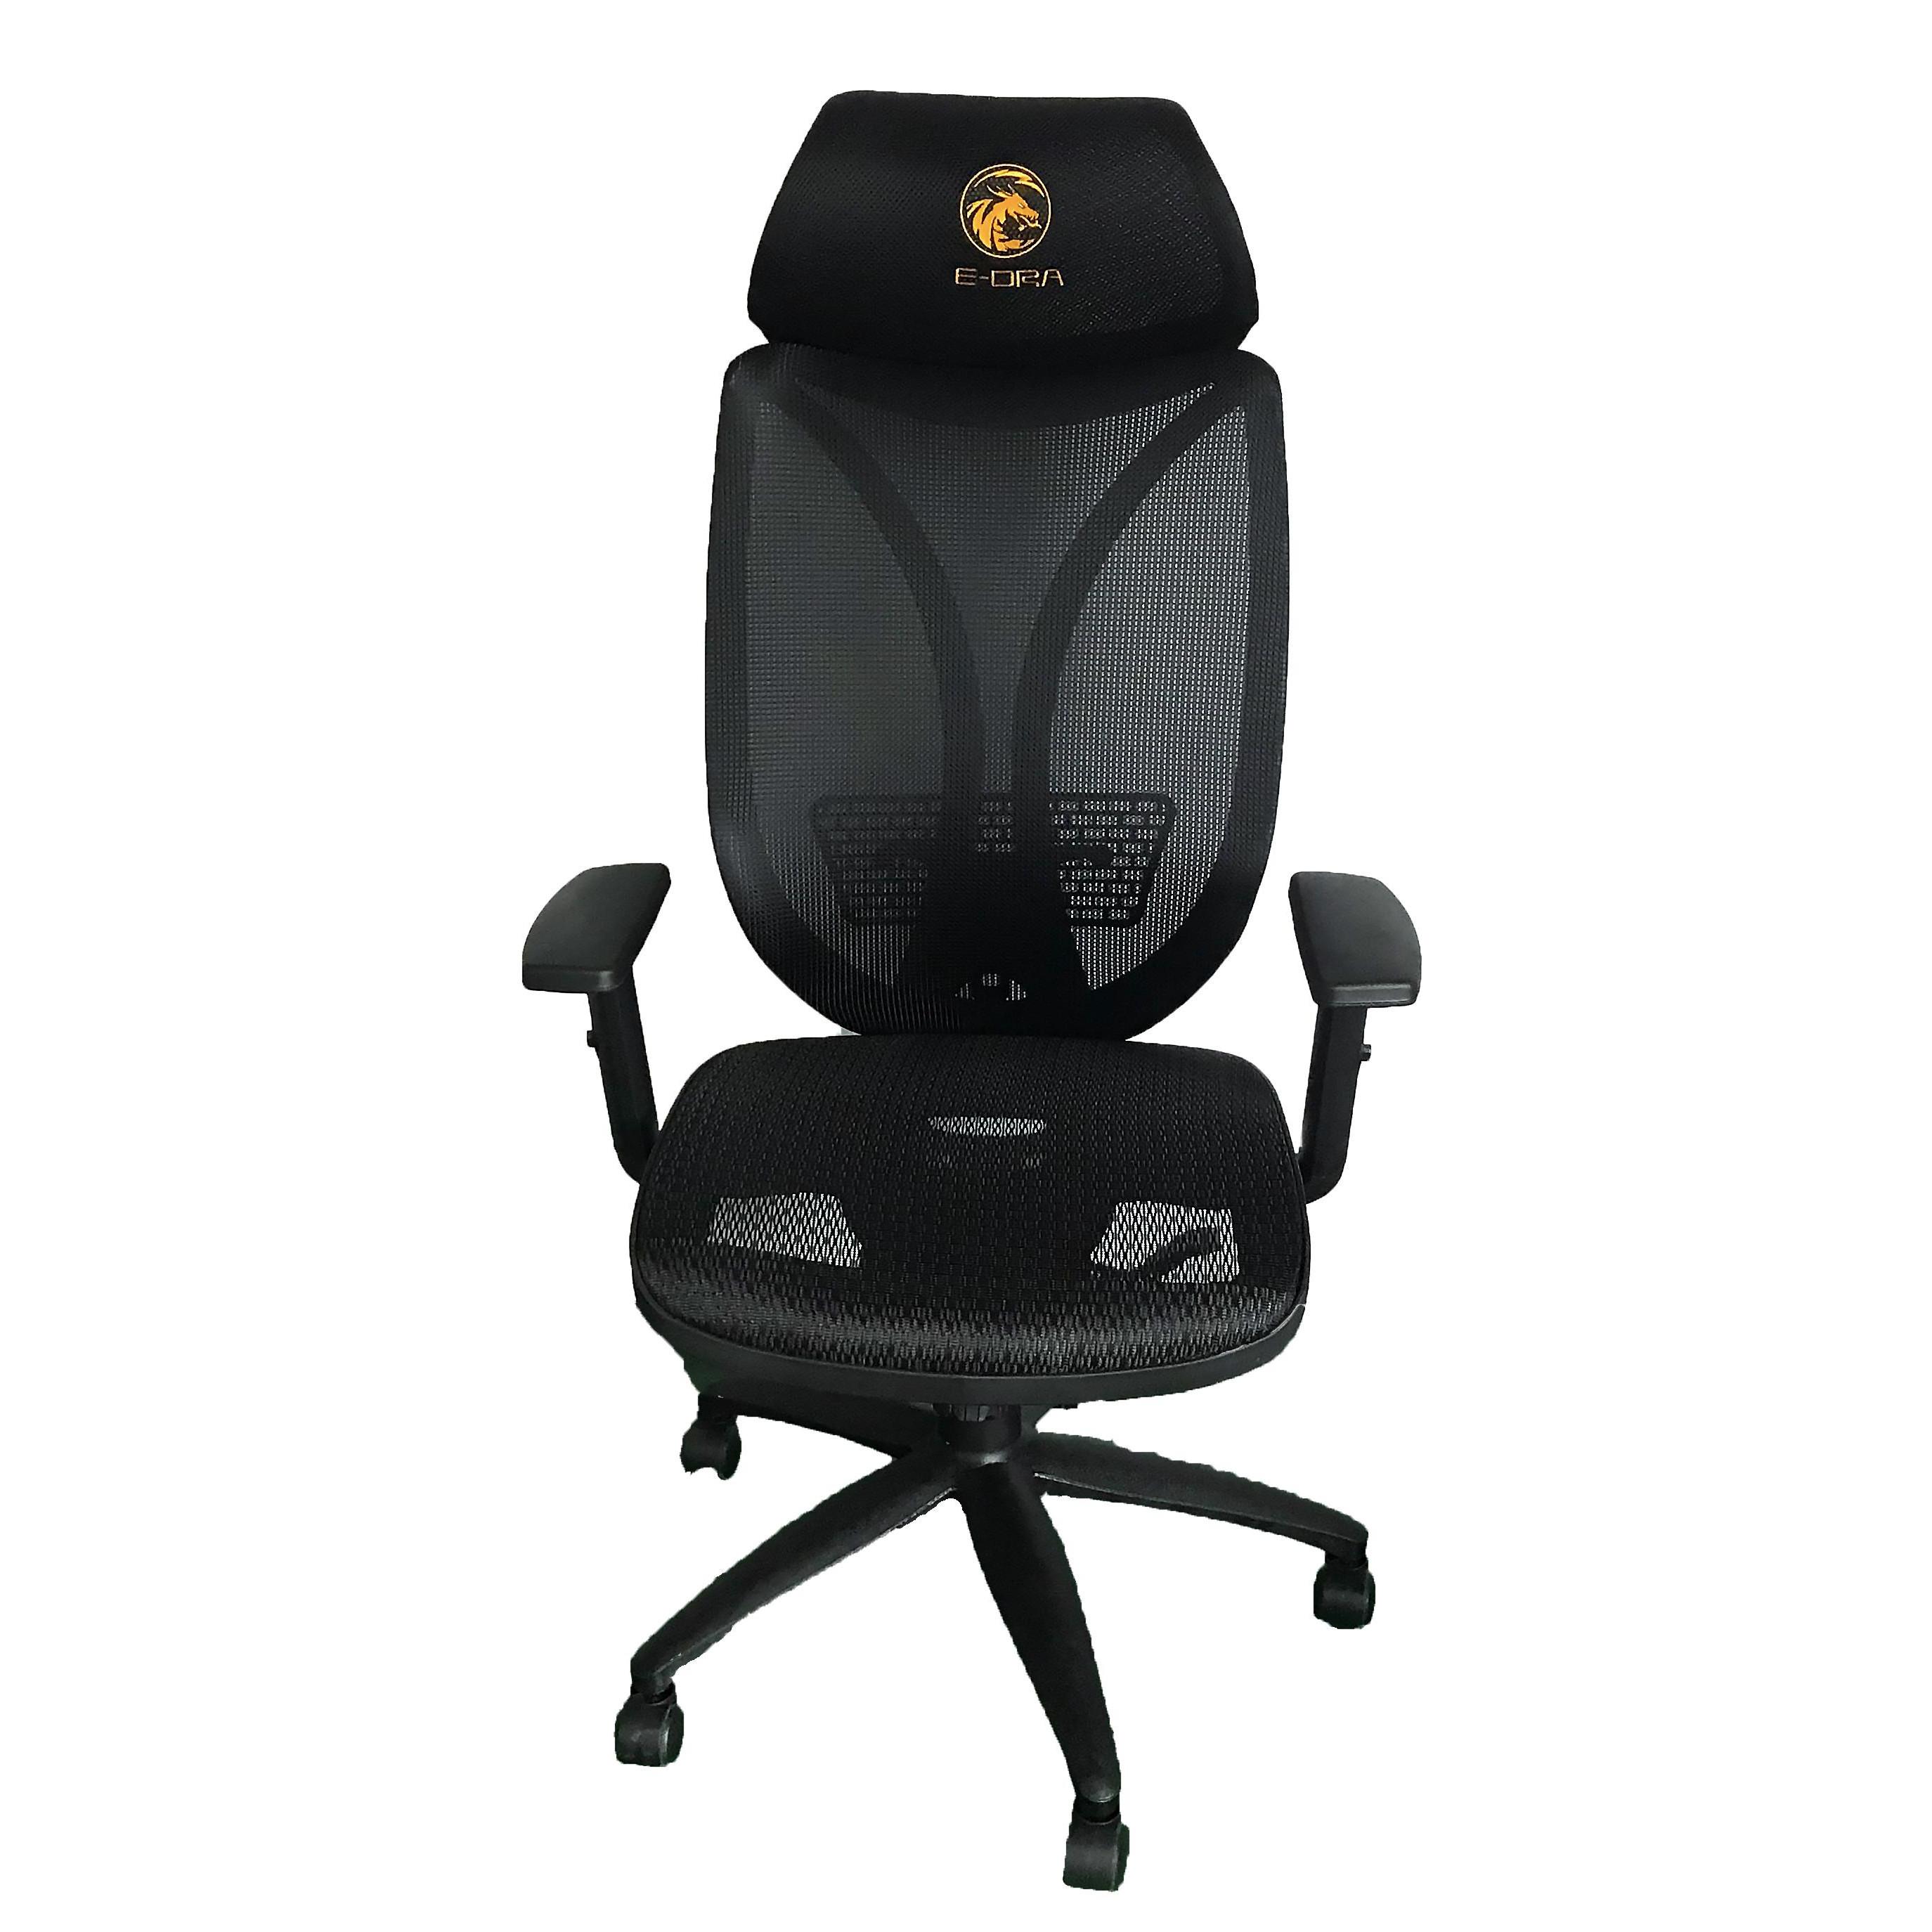 Ghế gaming và văn phòng E-dra Venus - Hàng chính hãng